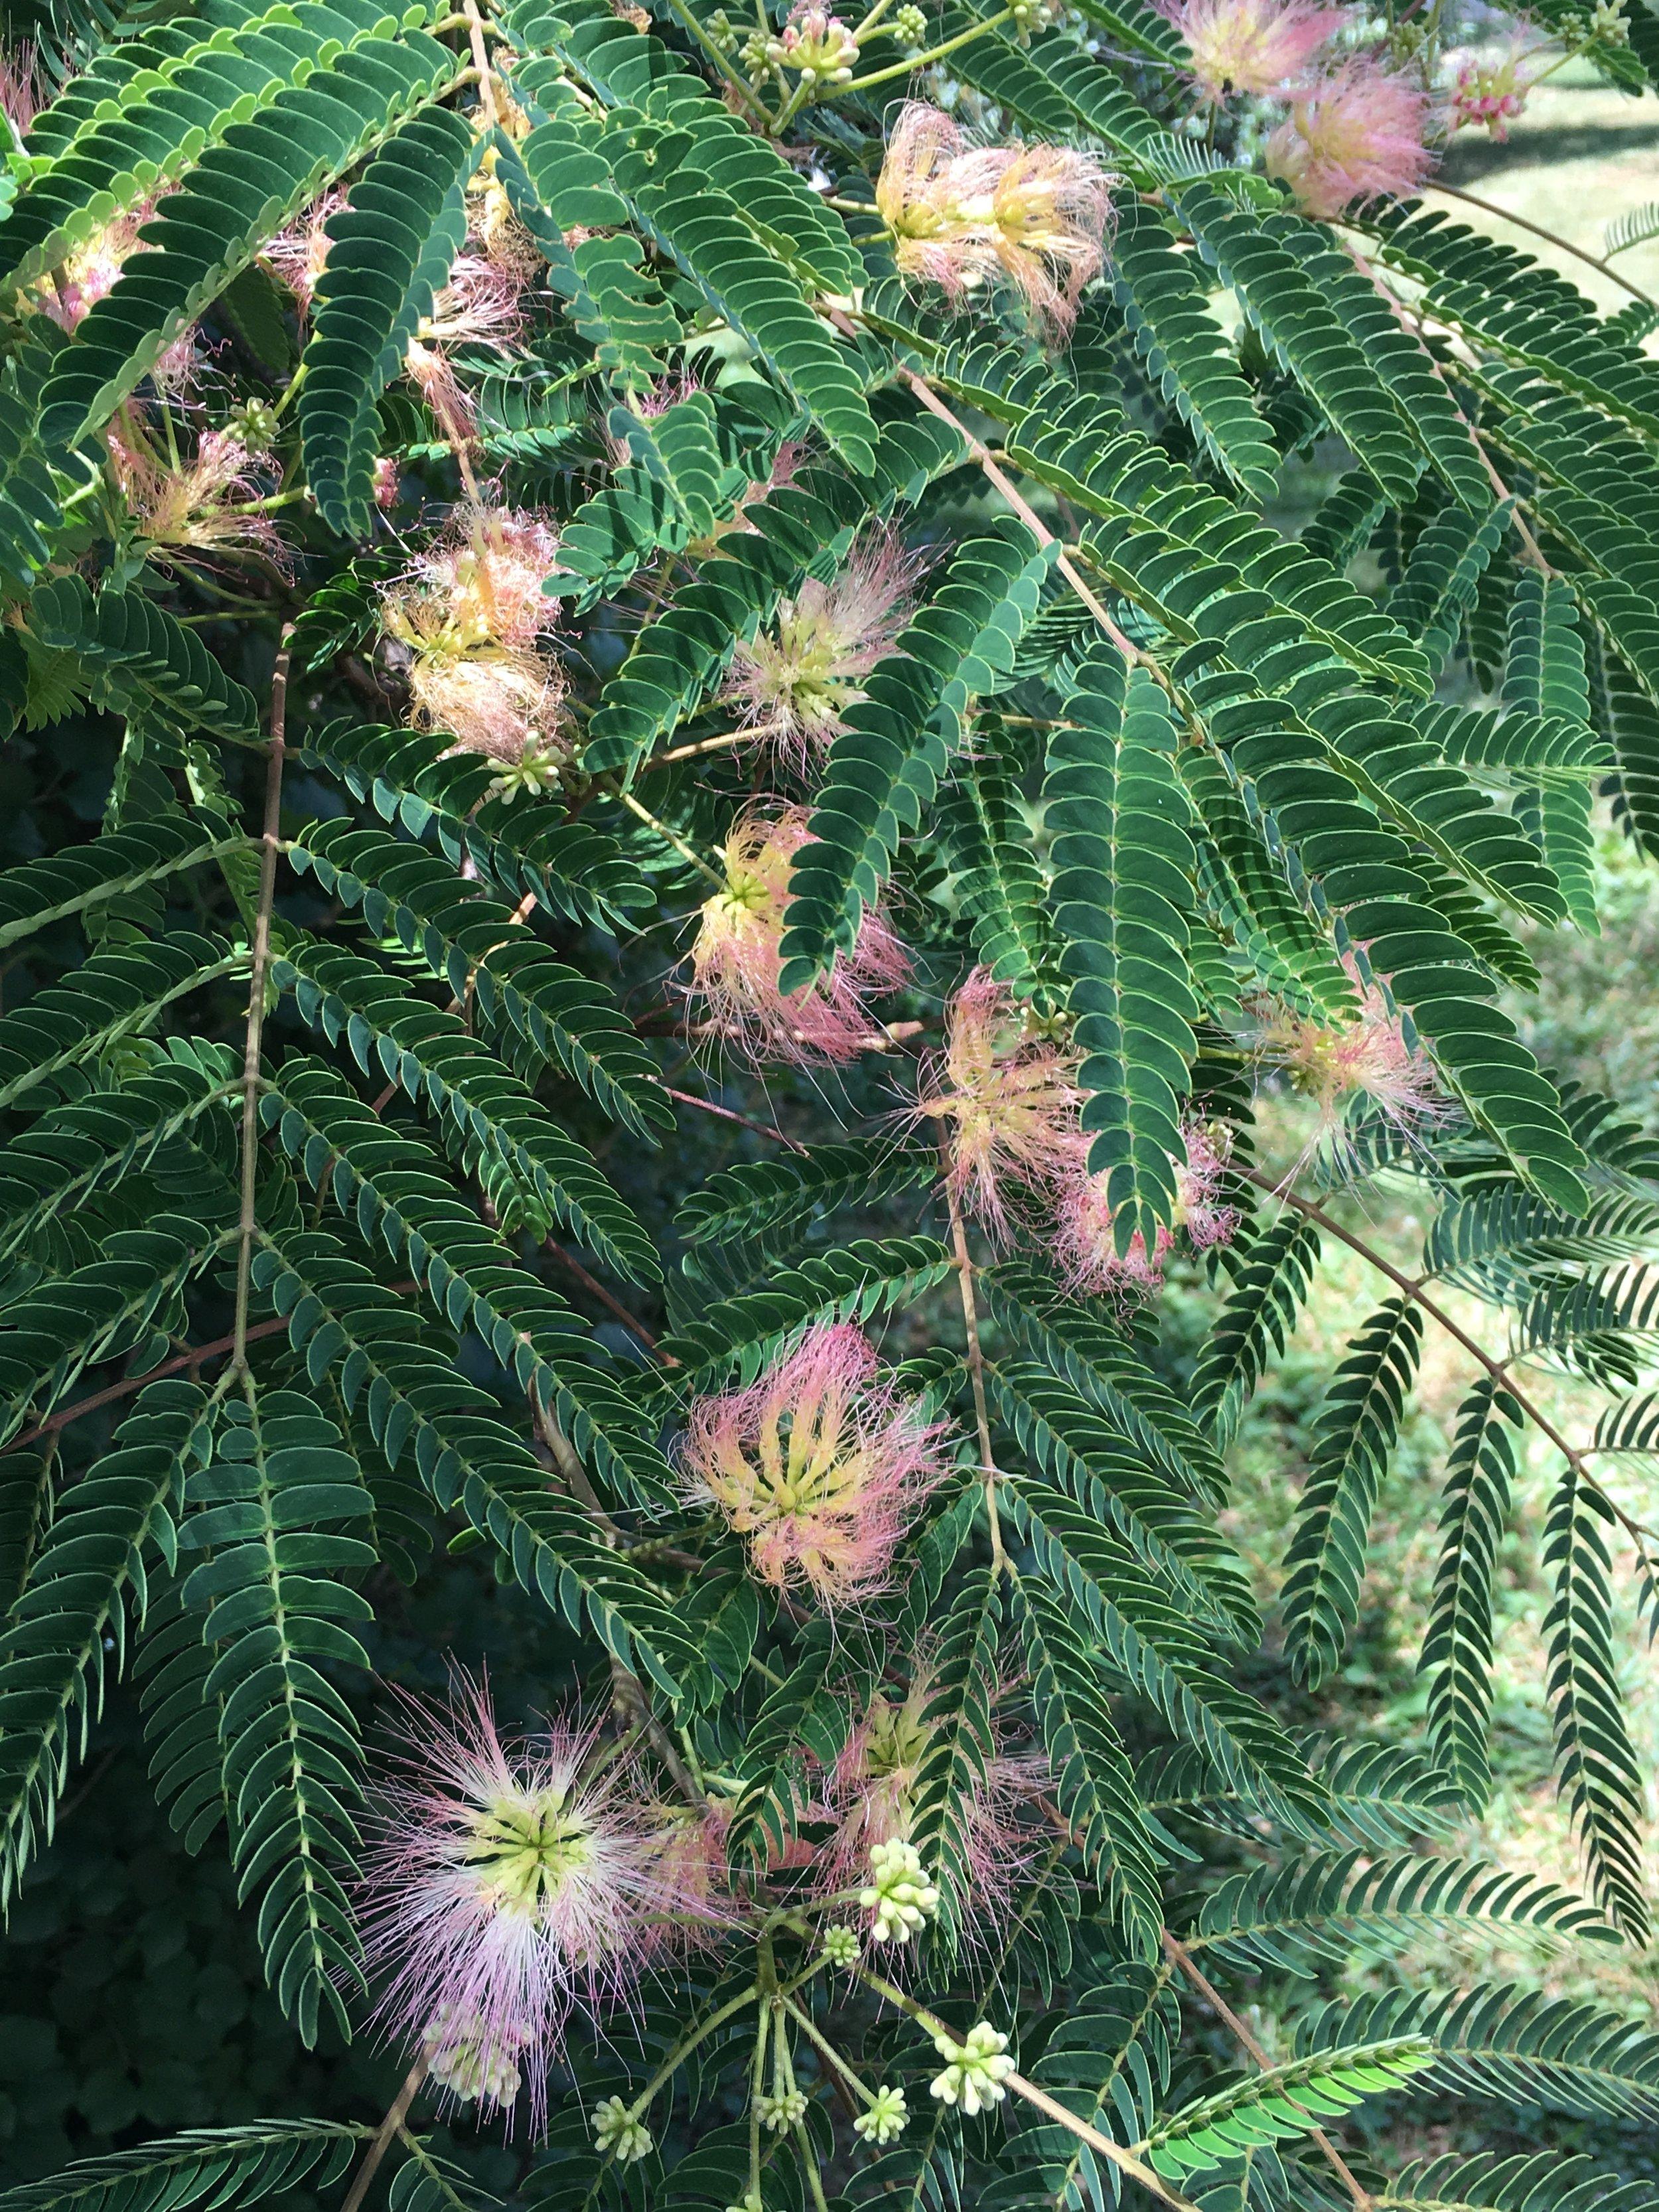 Albizia julibrissin; Mimosa tree